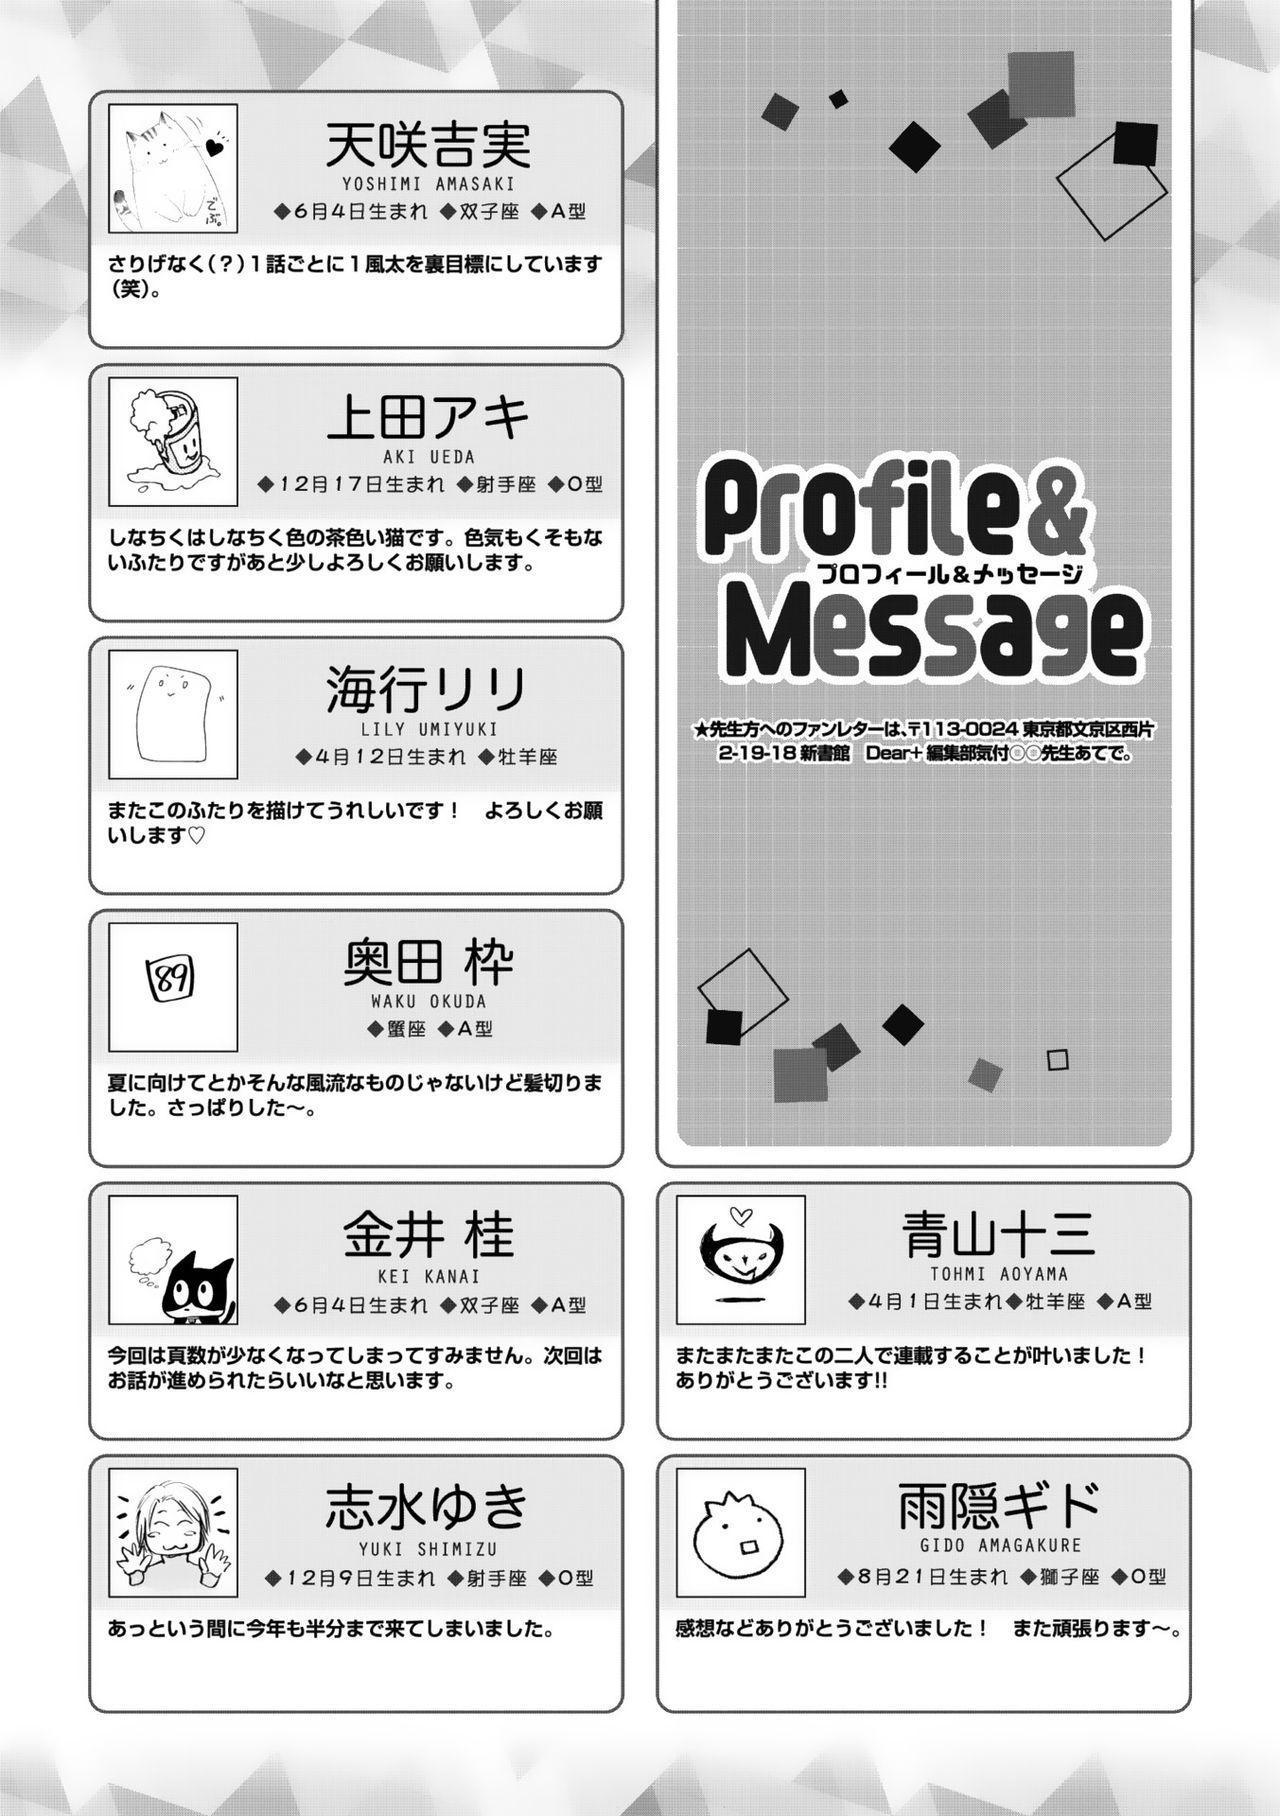 Dear+ 2017-07 503